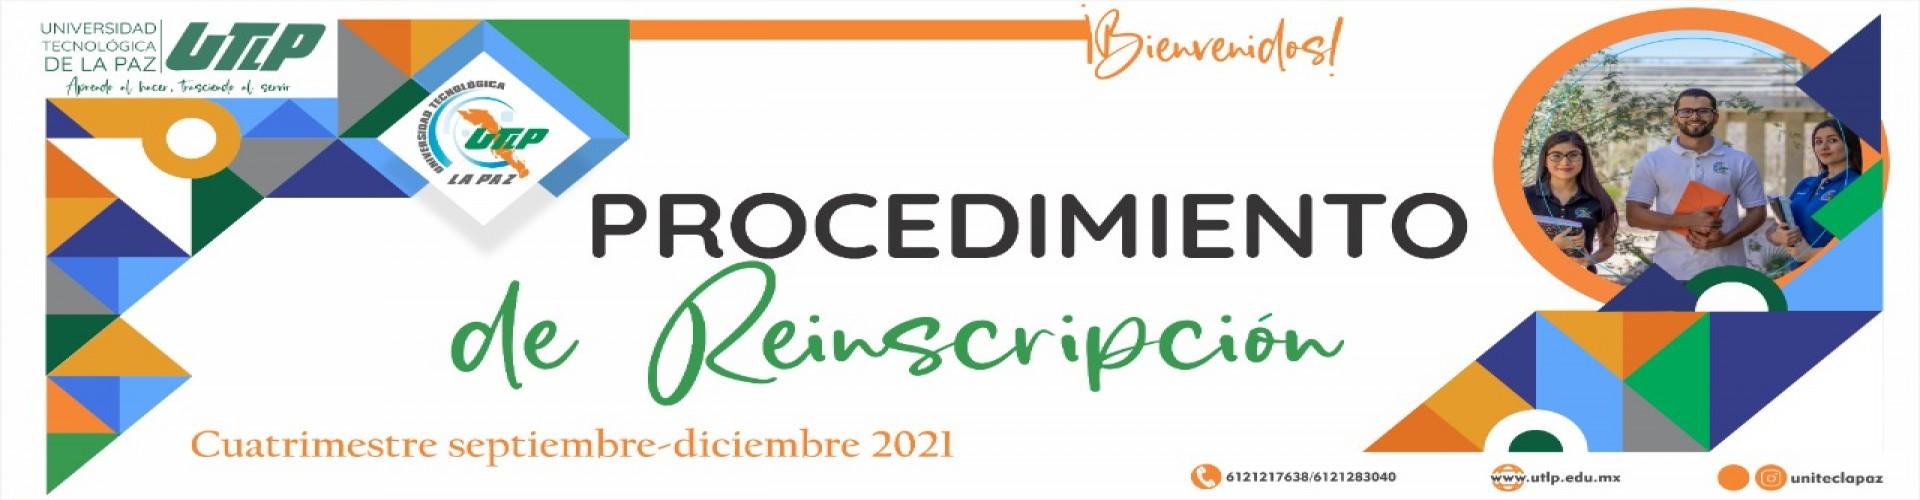 Procedimiento de reinscripción SEP-DIC 2021